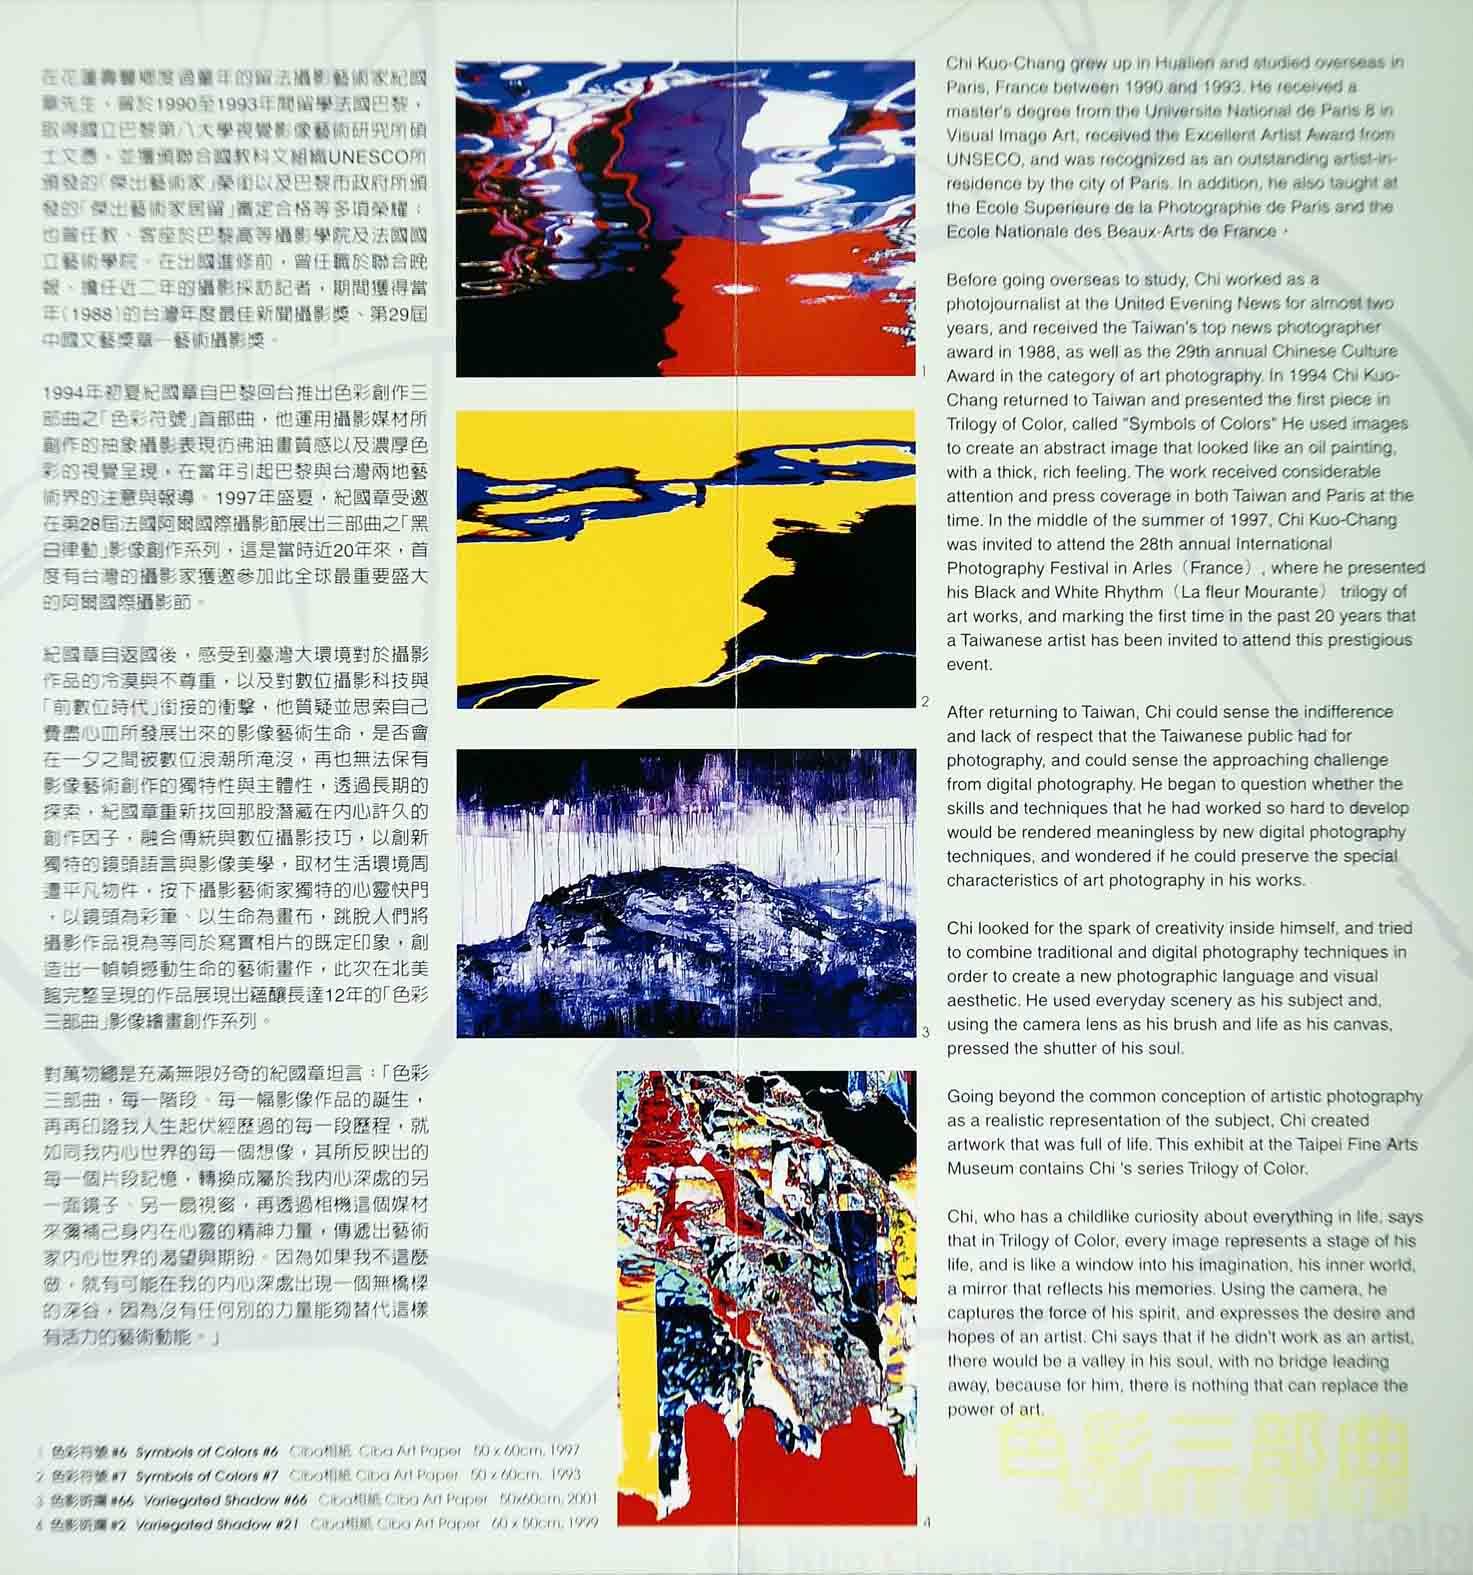 紀國章老師2005北美館色彩三部曲展覽簡介-2.jpg